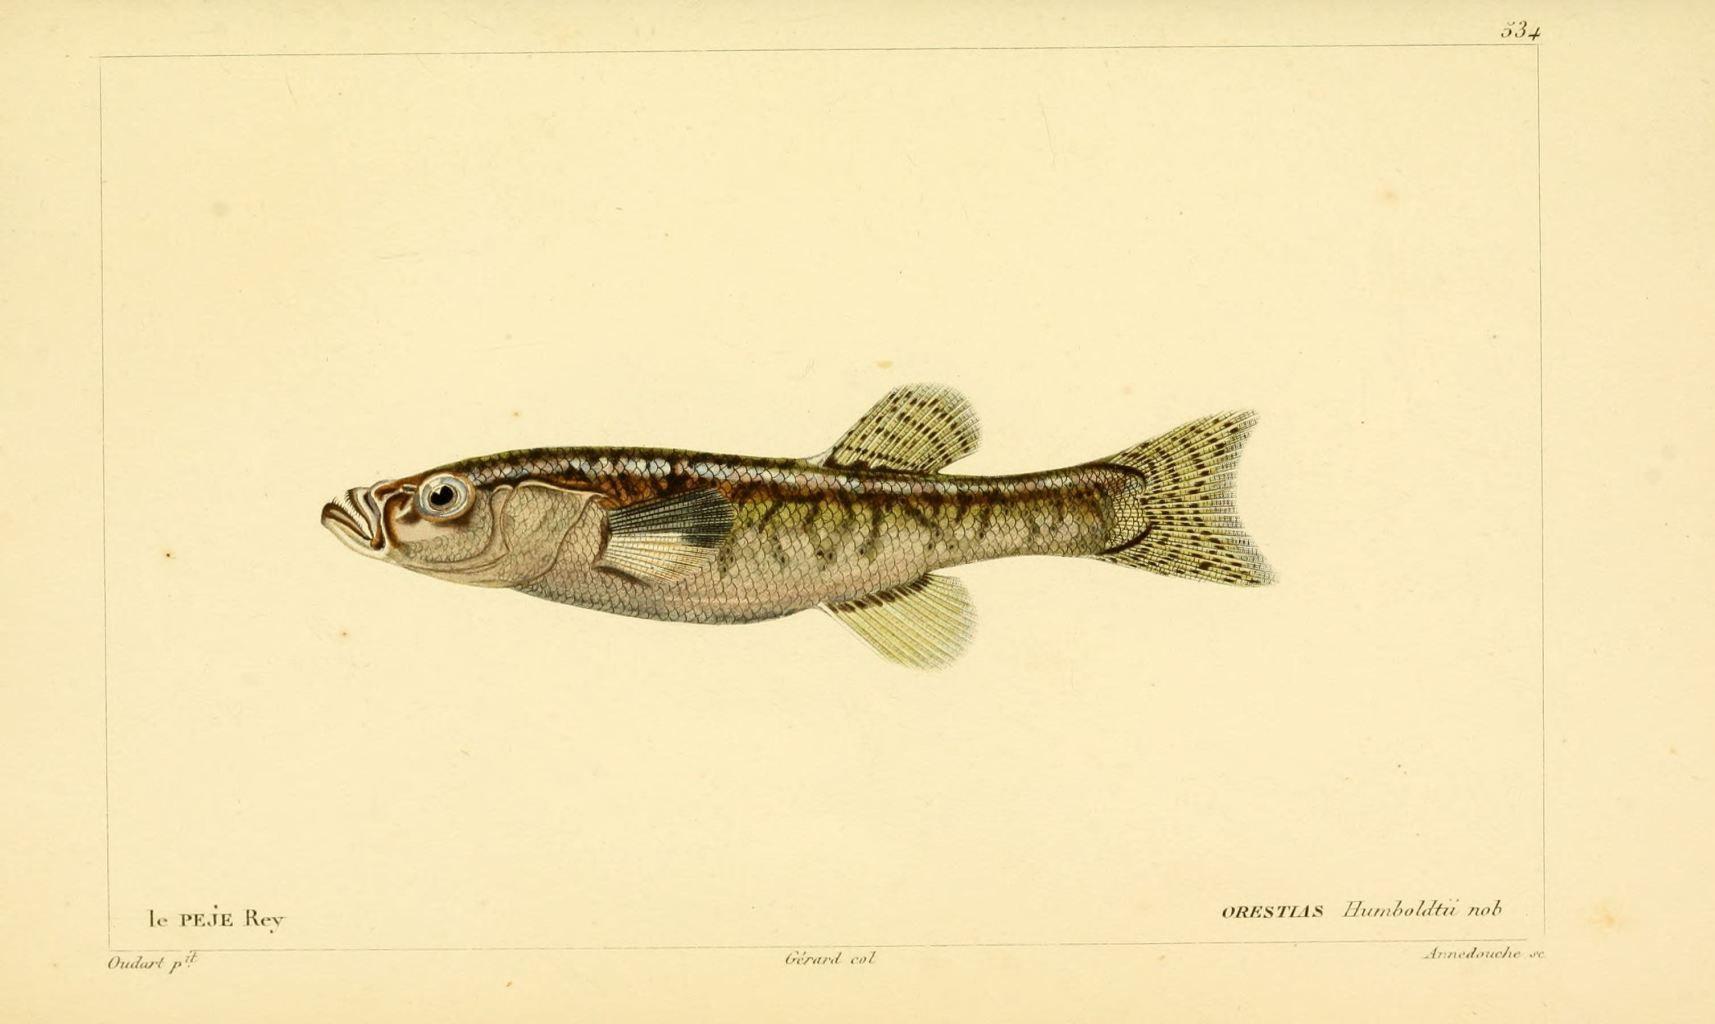 img/dessins-gravures de poissons/dessin-gravure de poisson 0561 le peje rey - orestias humboldtii.jpg